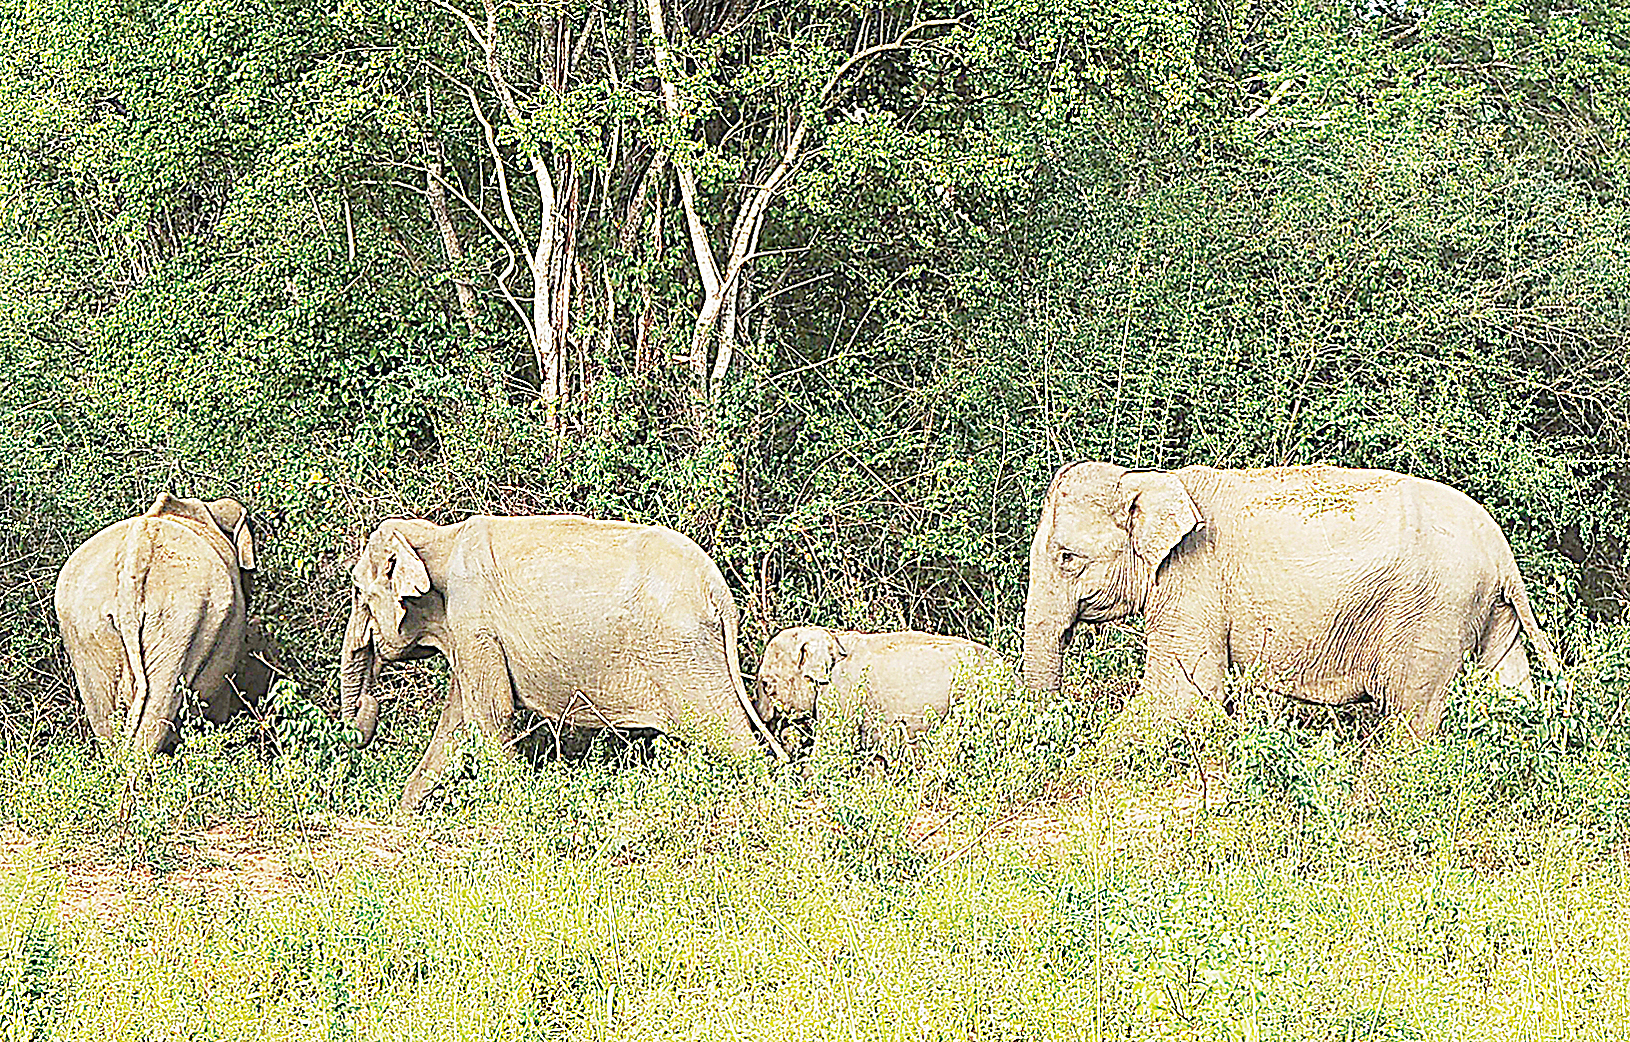 研究顯示,大象每天平均僅睡眠2小時。相比之下,人類需要8小時睡眠。(AFP)